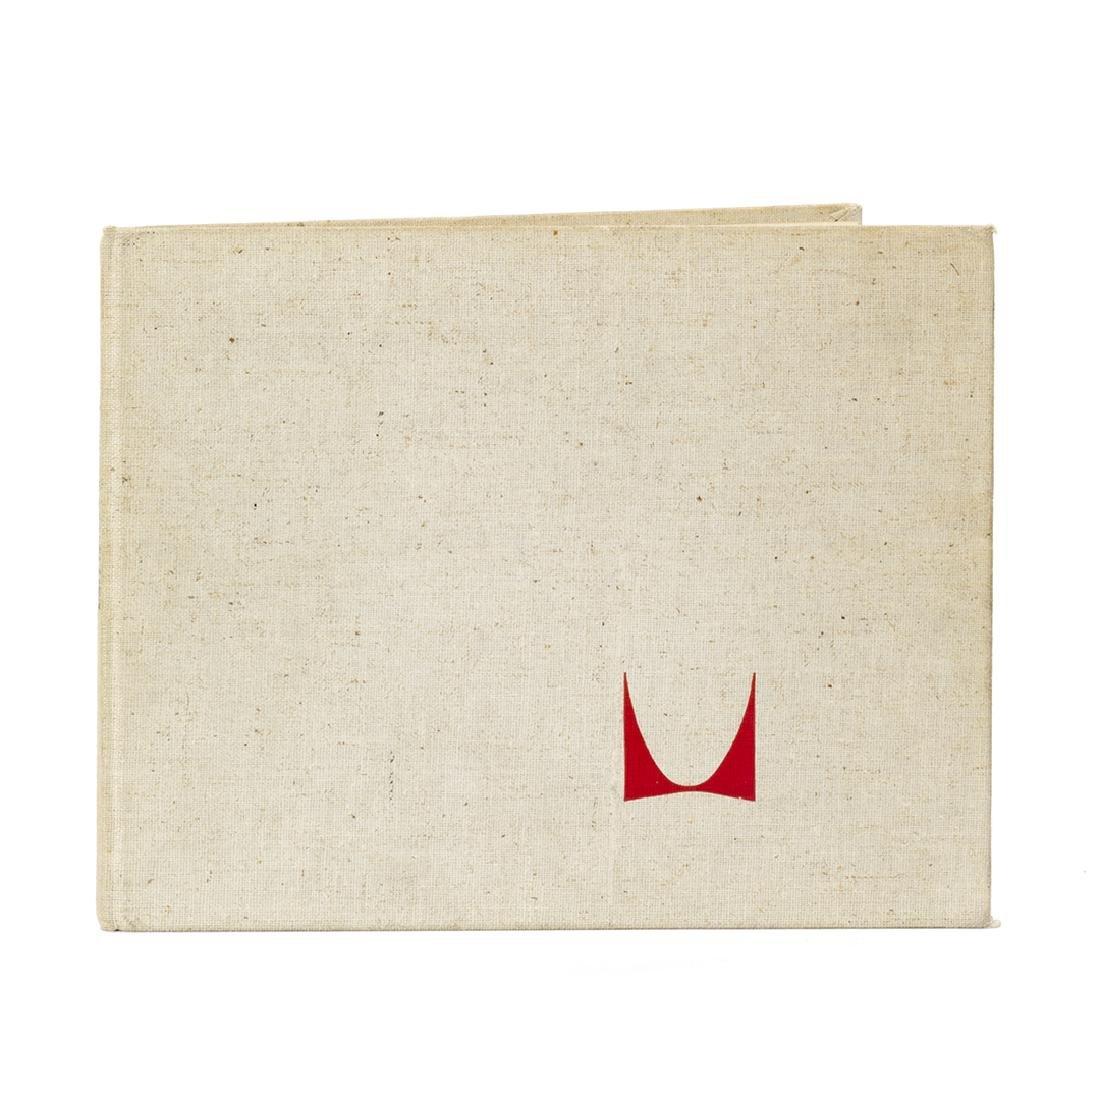 Herman Miller 1950 Catalog